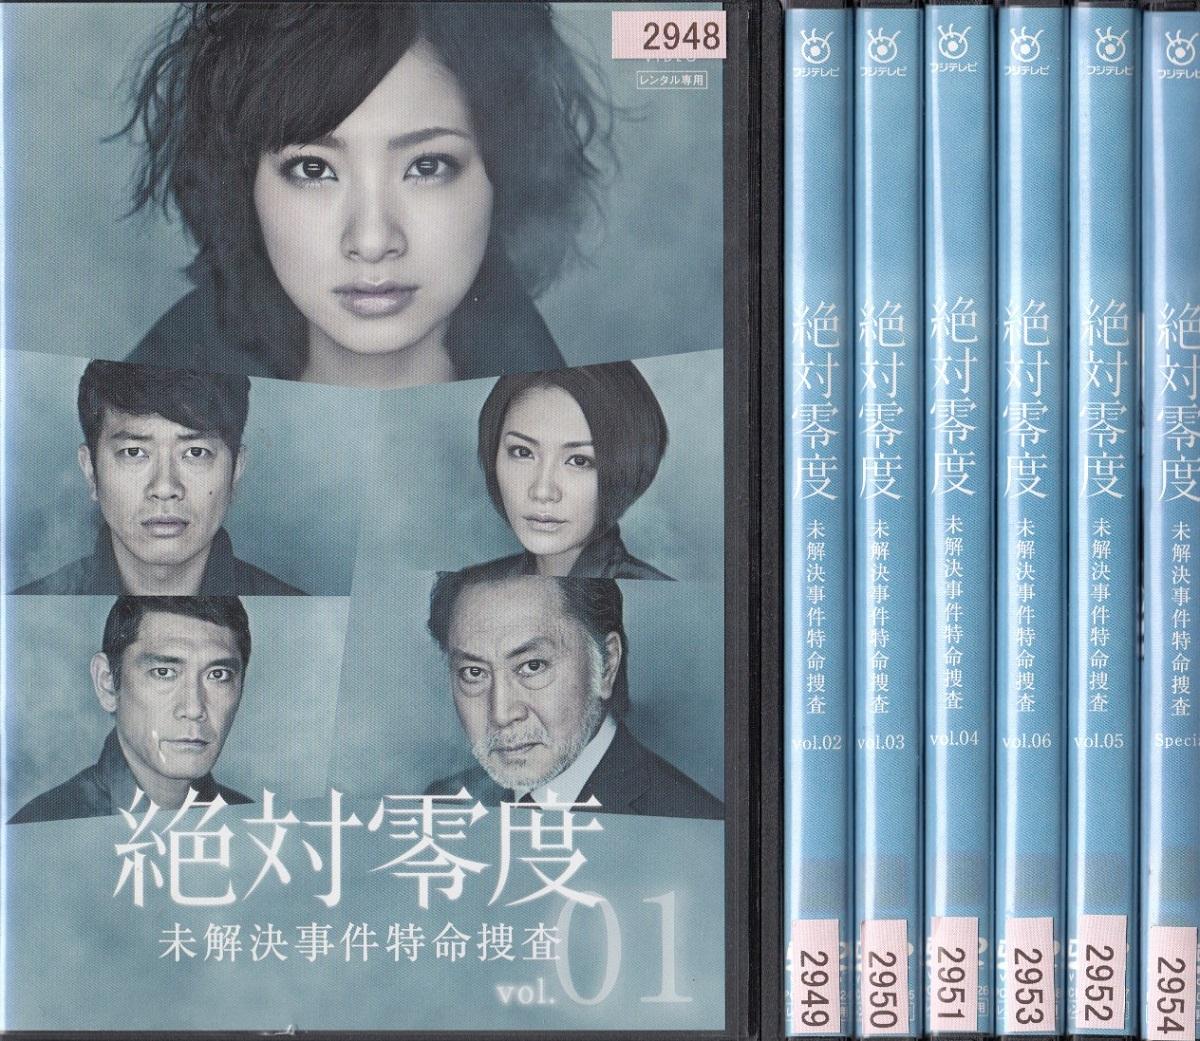 【送料無料】rw3719中古DVD レンタルアップ絶対零度未解決事件匿名捜査6巻+スペシャル 全7巻セット